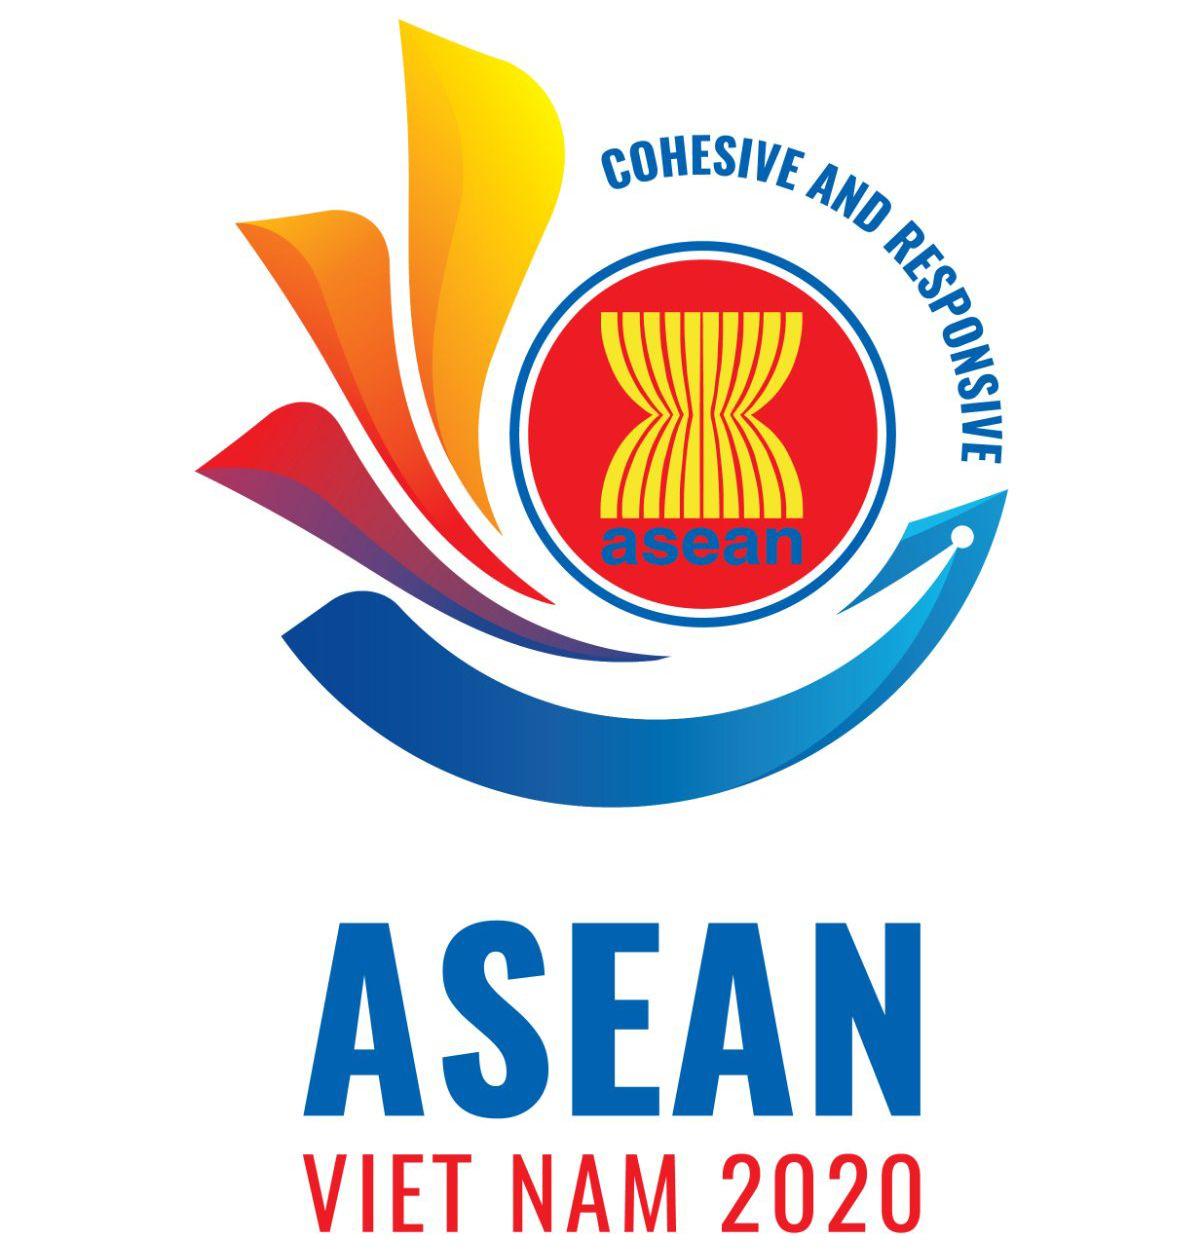 Năm Chủ tịch ASEAN 2020 Vì một ASEAN gắn kết và chủ động thích ứng